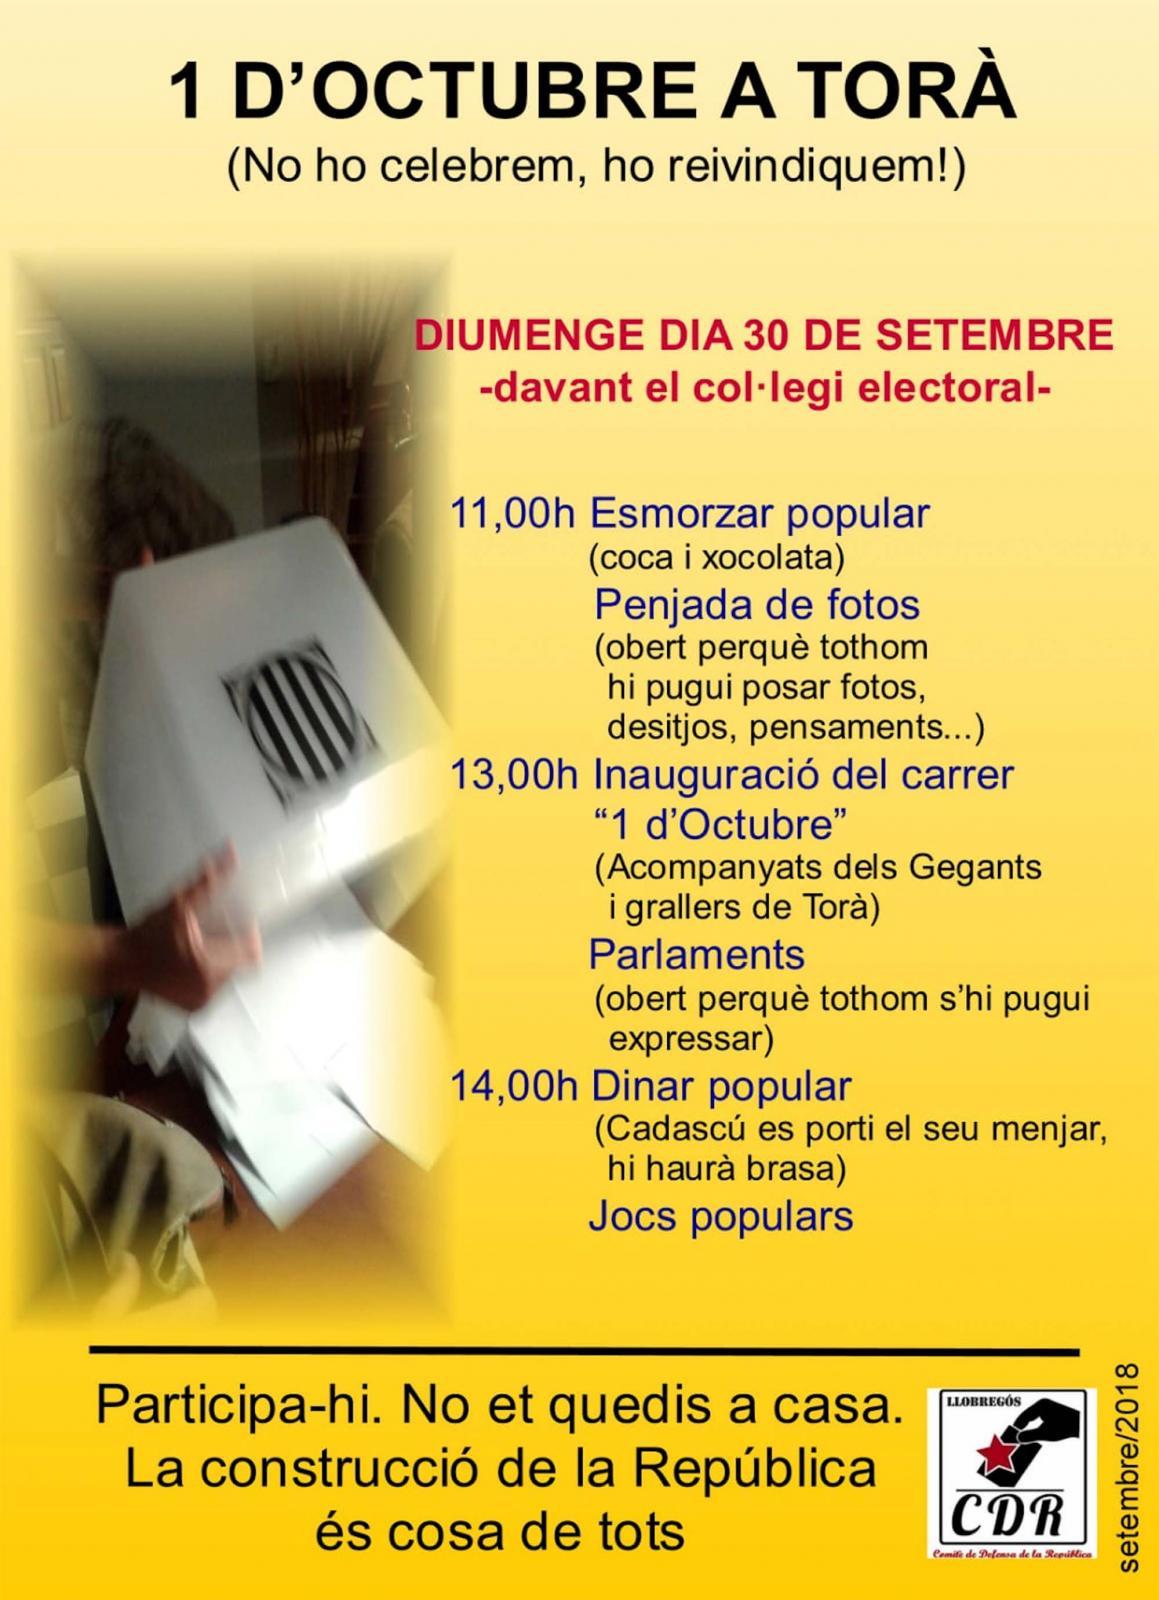 Jornada reivindicativa de l'1 d'octubre a Torà